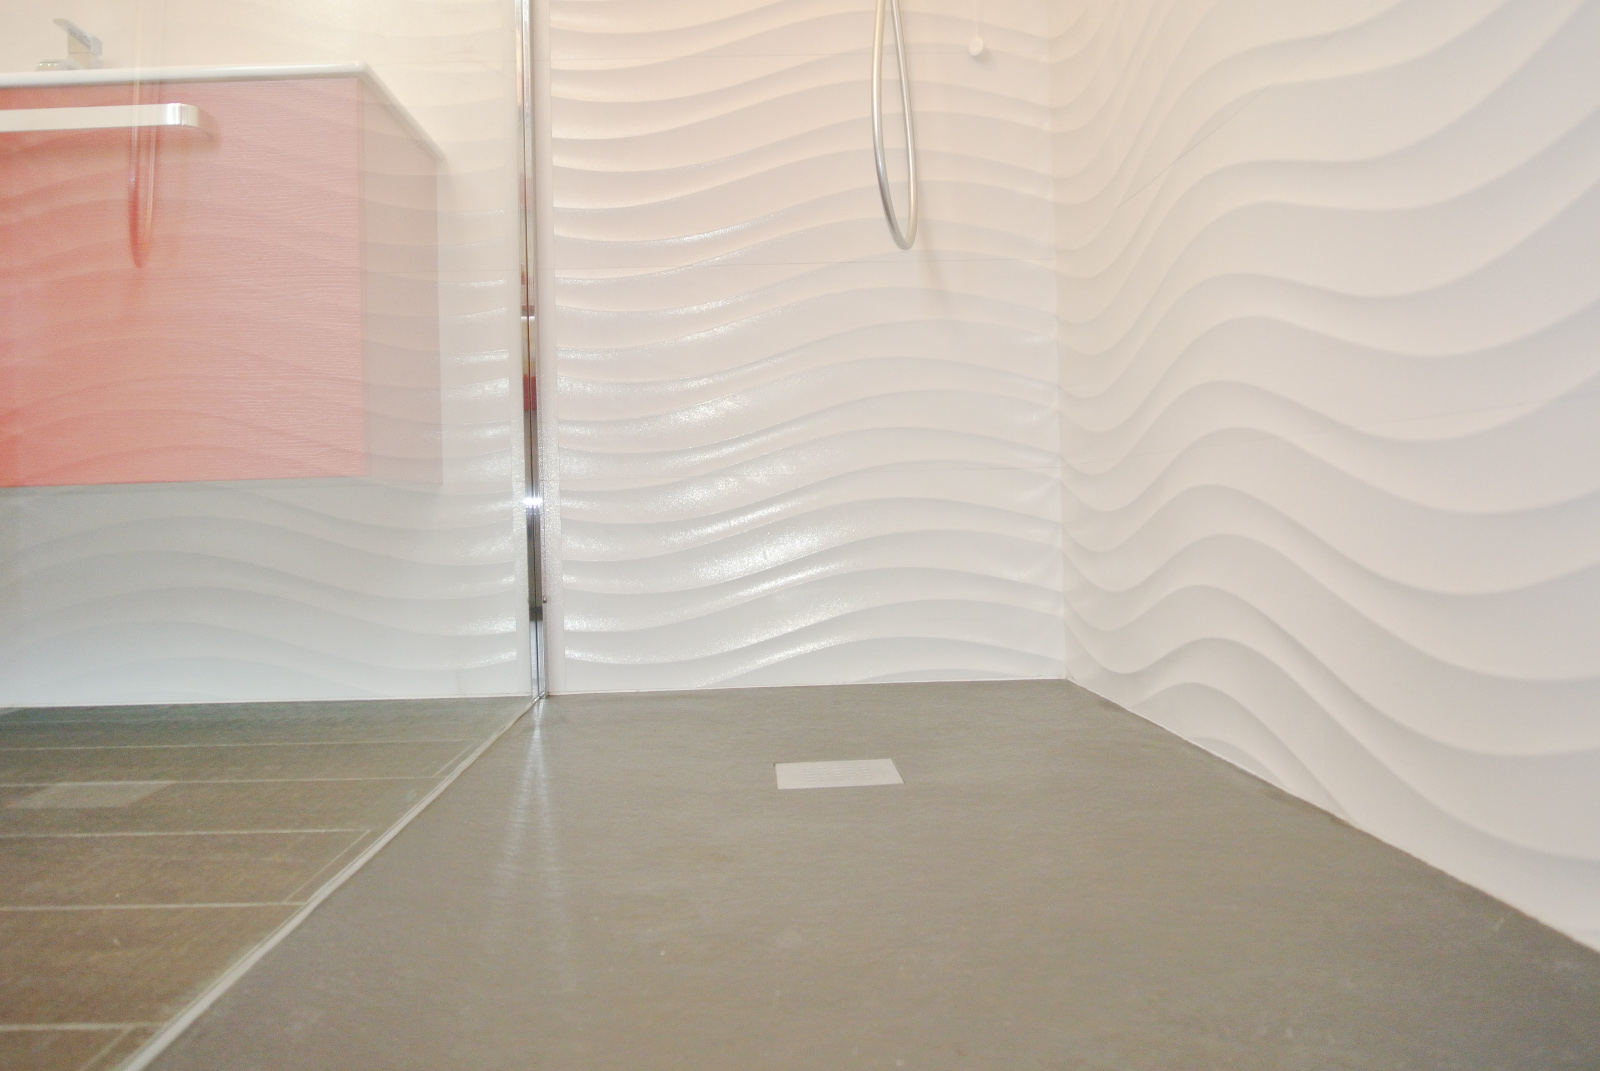 sintesibagno-verbania-canton-ticino-sviezzera-arredobagno-mobile-bagno-rubinetteria-parete-in-cristallo-piatto-doccia-filo-pavimento-10